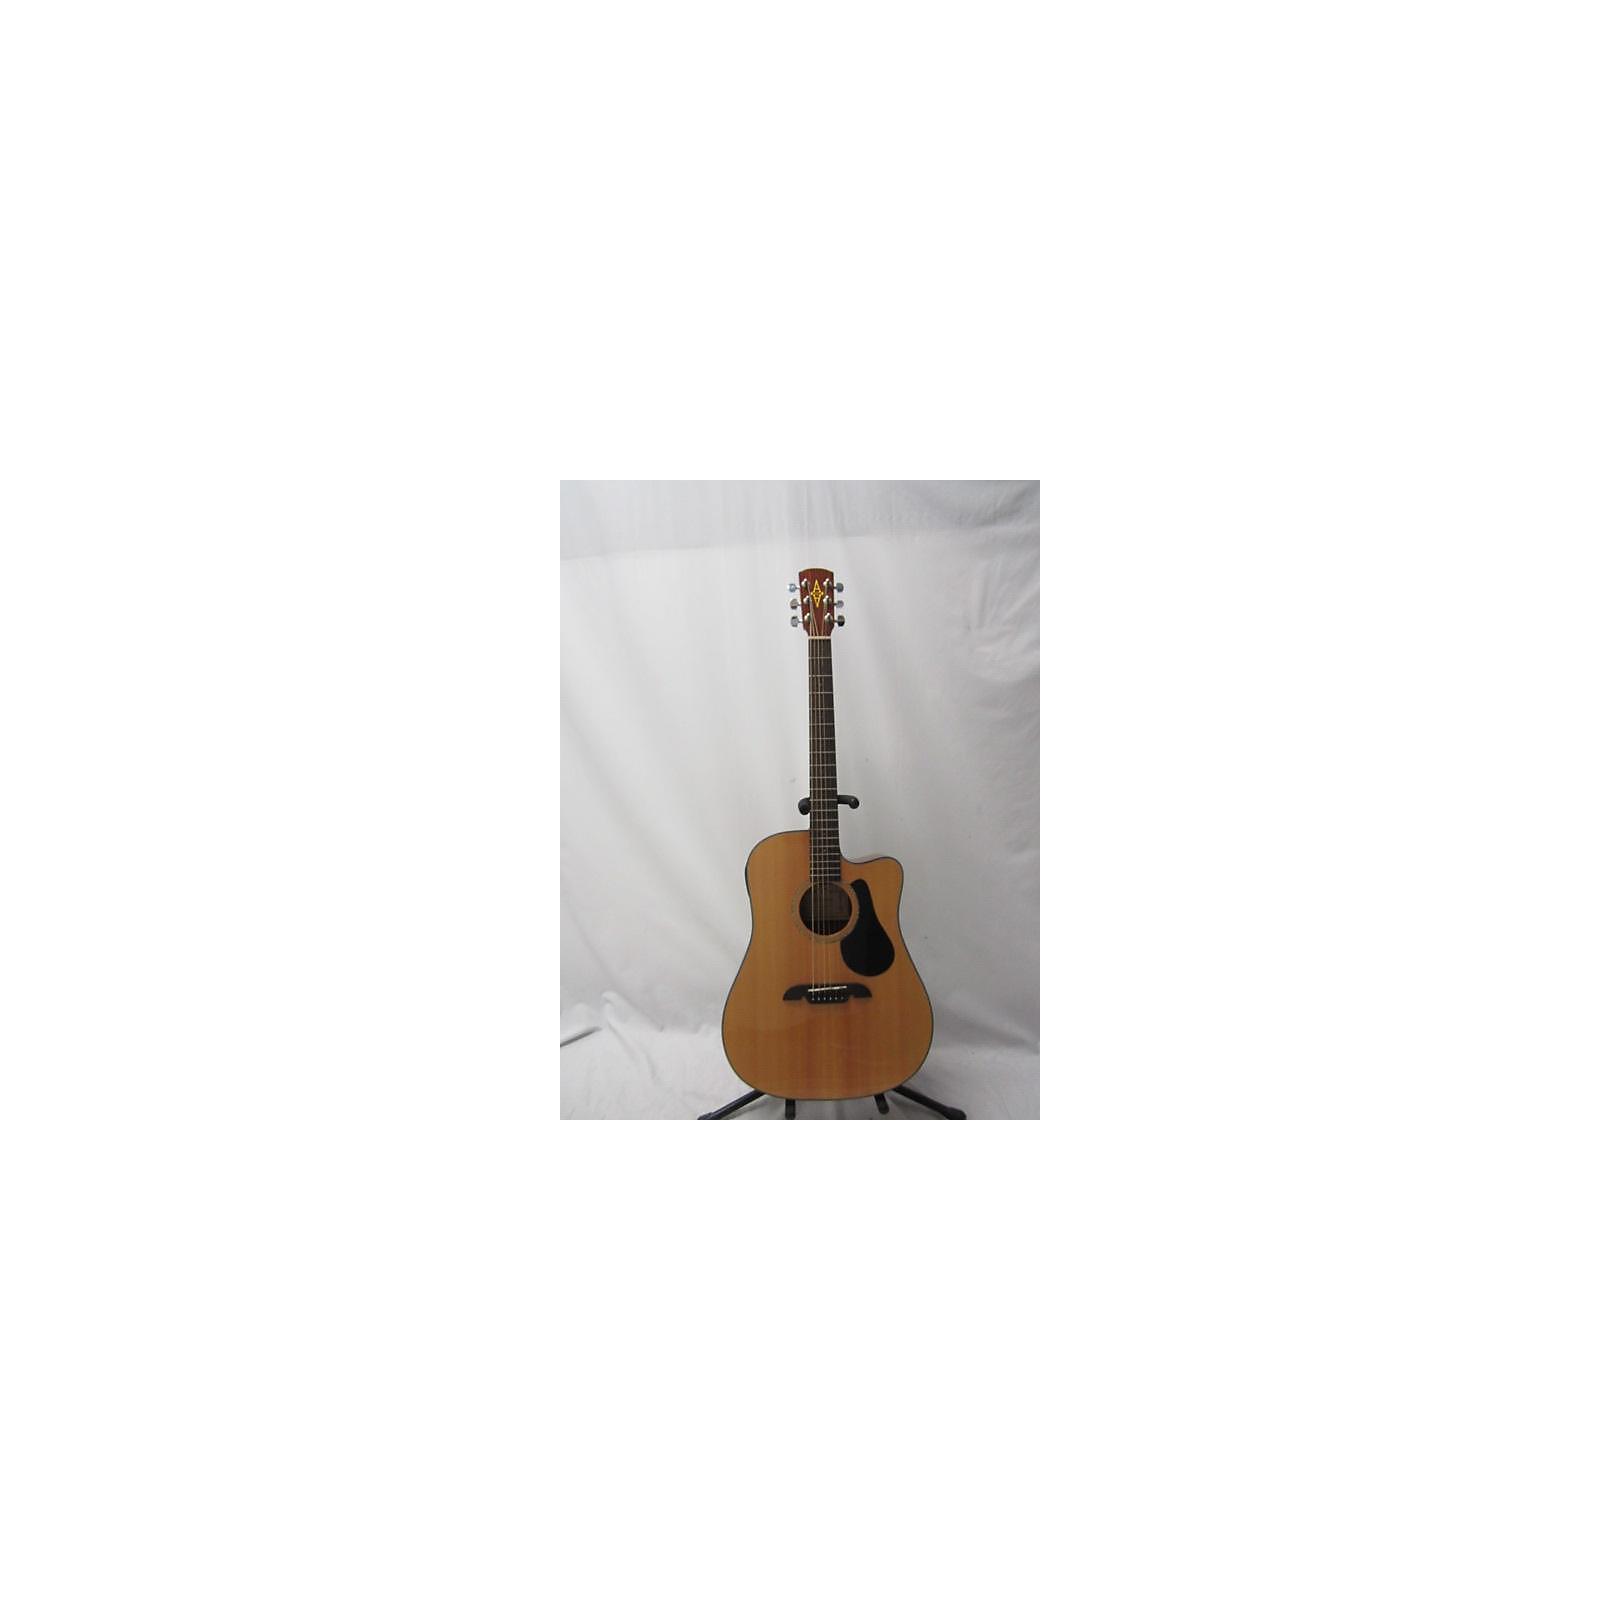 Alvarez Rd8c Acoustic Guitar